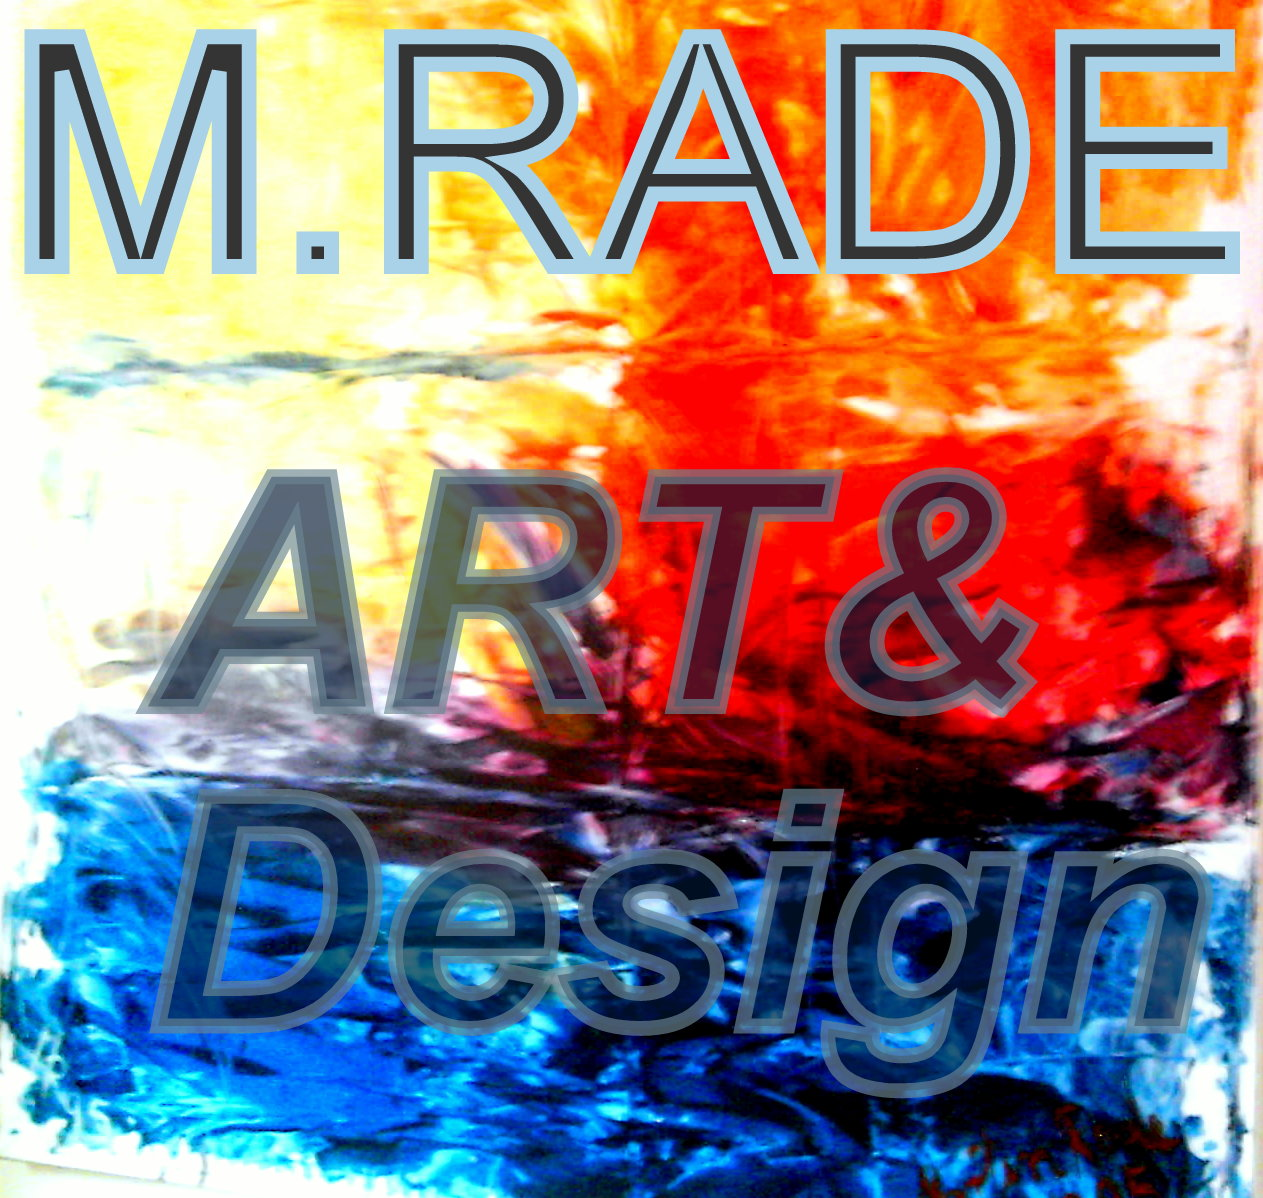 m.rade's Signature